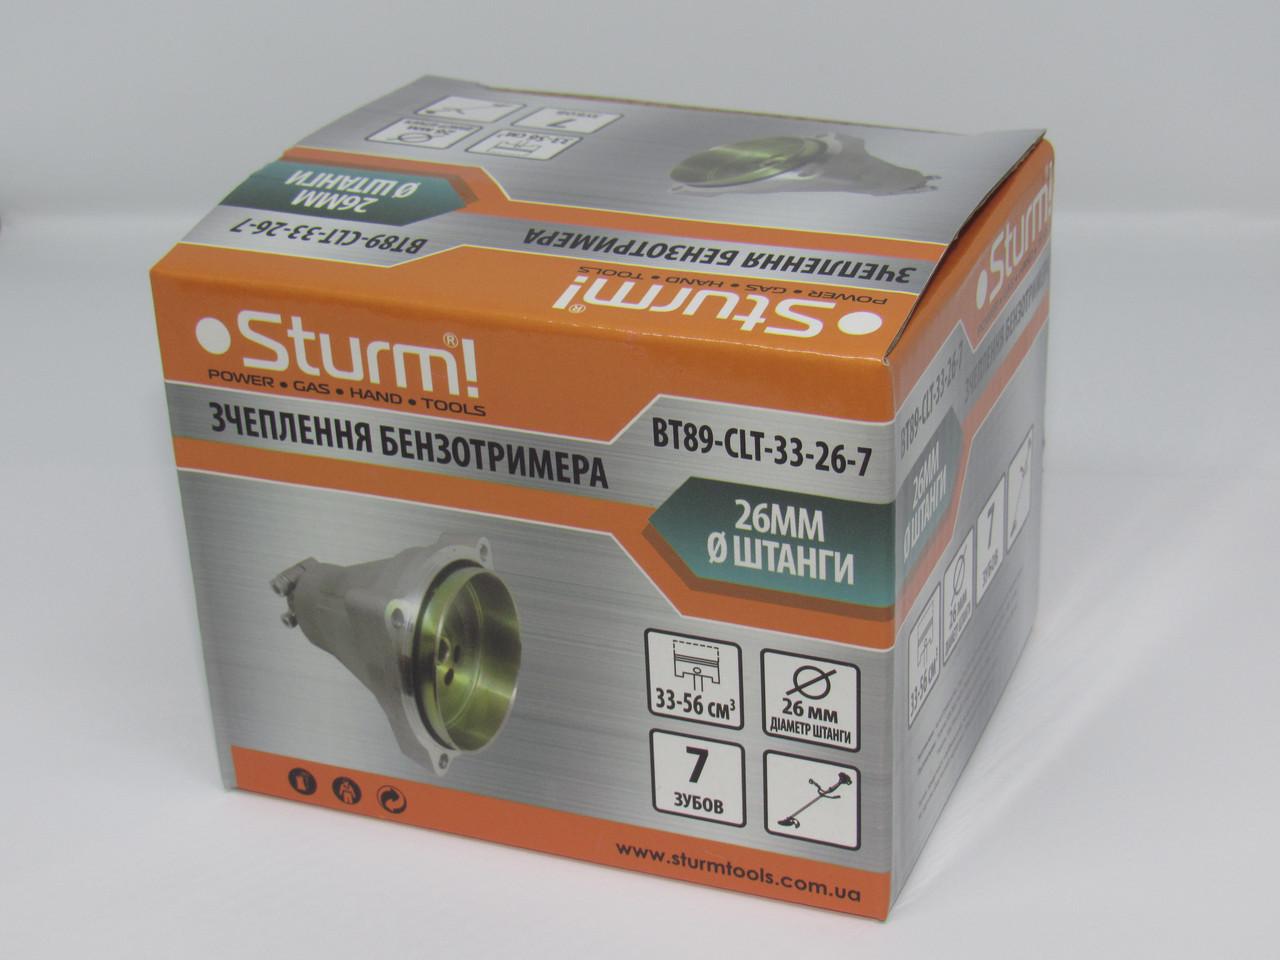 Сцепление бензотриммера, 33-56 см куб, 26мм, 7 зуб, Sturm BT89-CLT-33-26-7